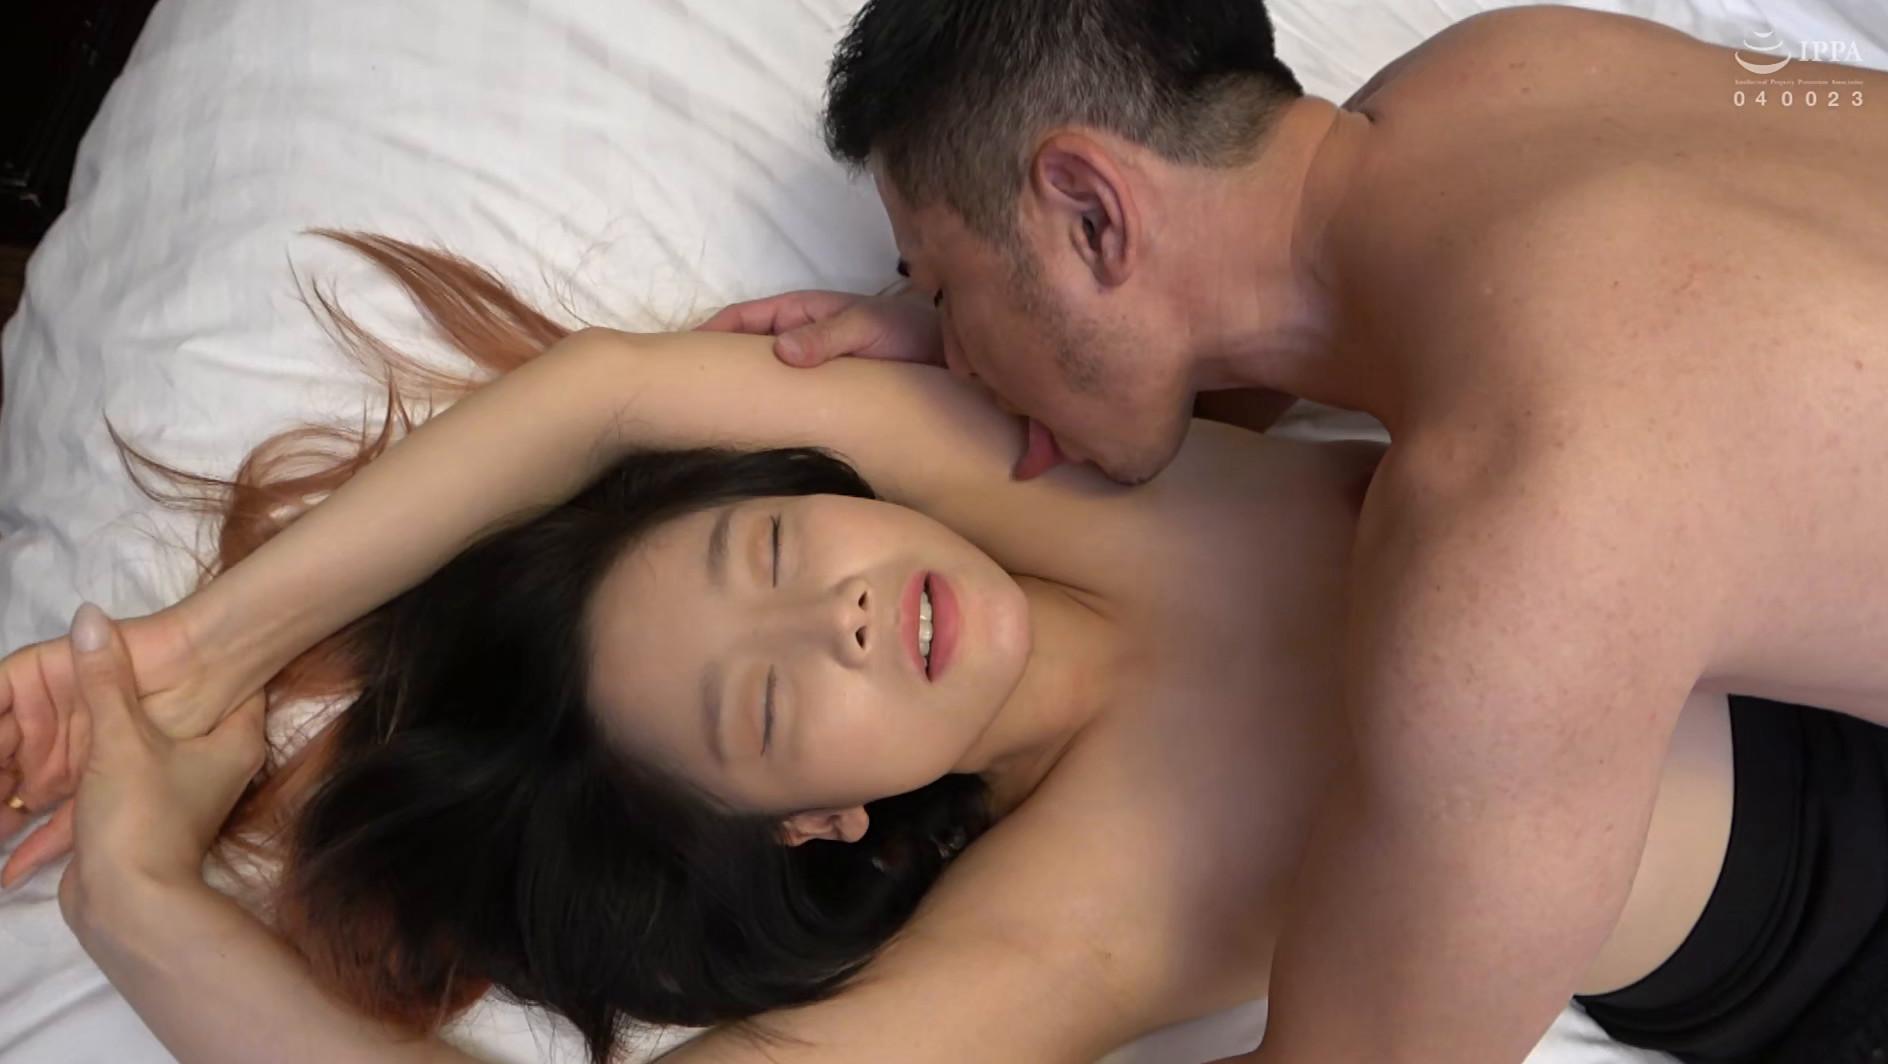 まるで設定6のスロットみたい!韓国で遭遇したヤリマン美女!セックスが好き過ぎて日本人のペニスに興味津々!圧倒的な美脚騎乗位でザー汁を絞り出されてスッキリ! 画像20